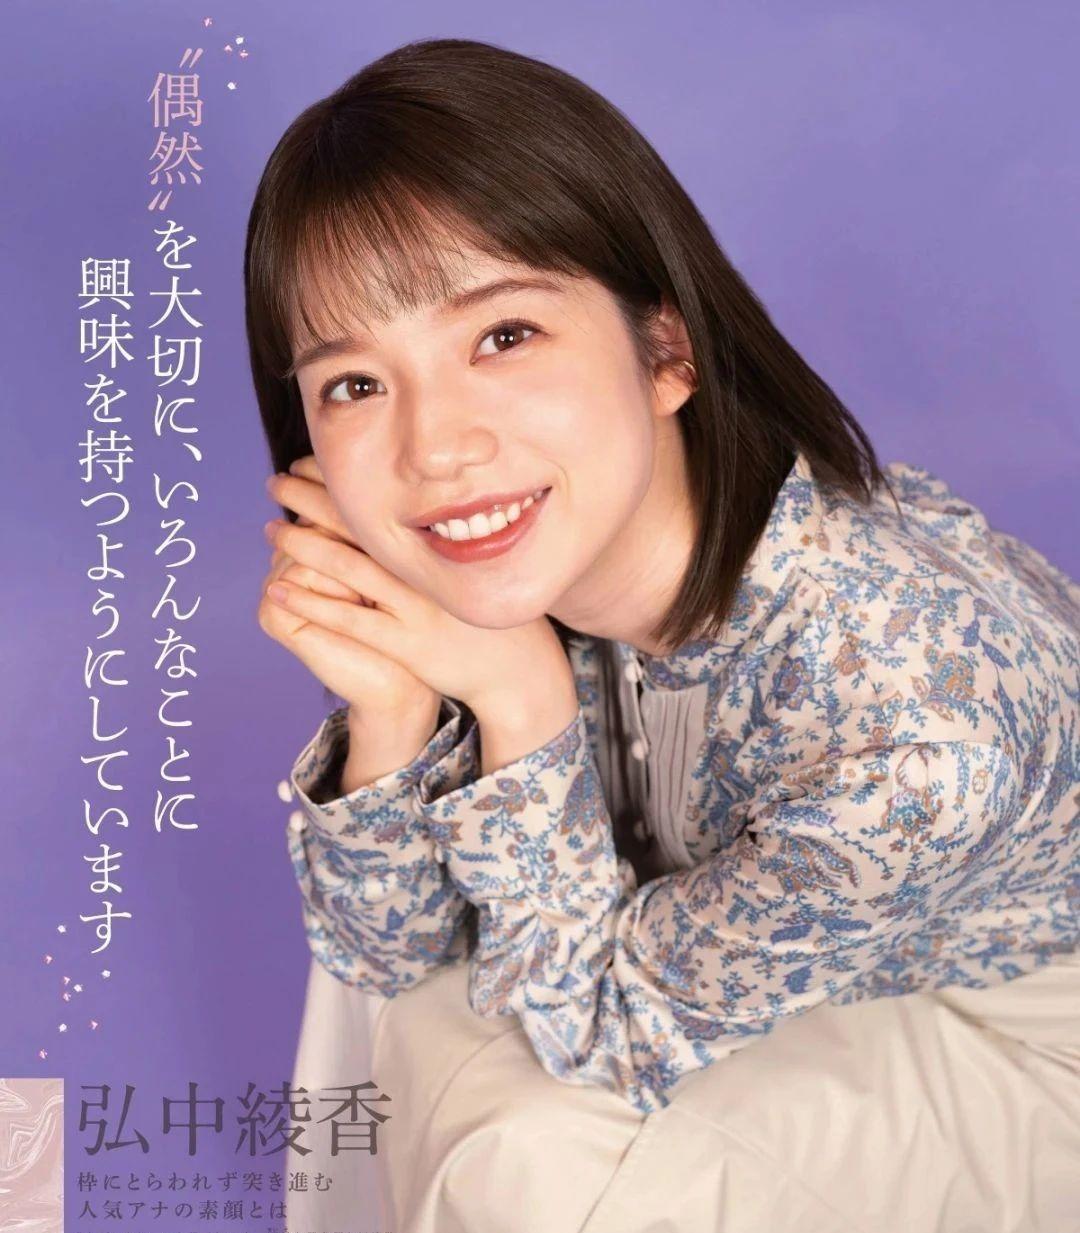 永远一张娃娃脸的棉花糖女孩弘中绫香写真作品 (47)